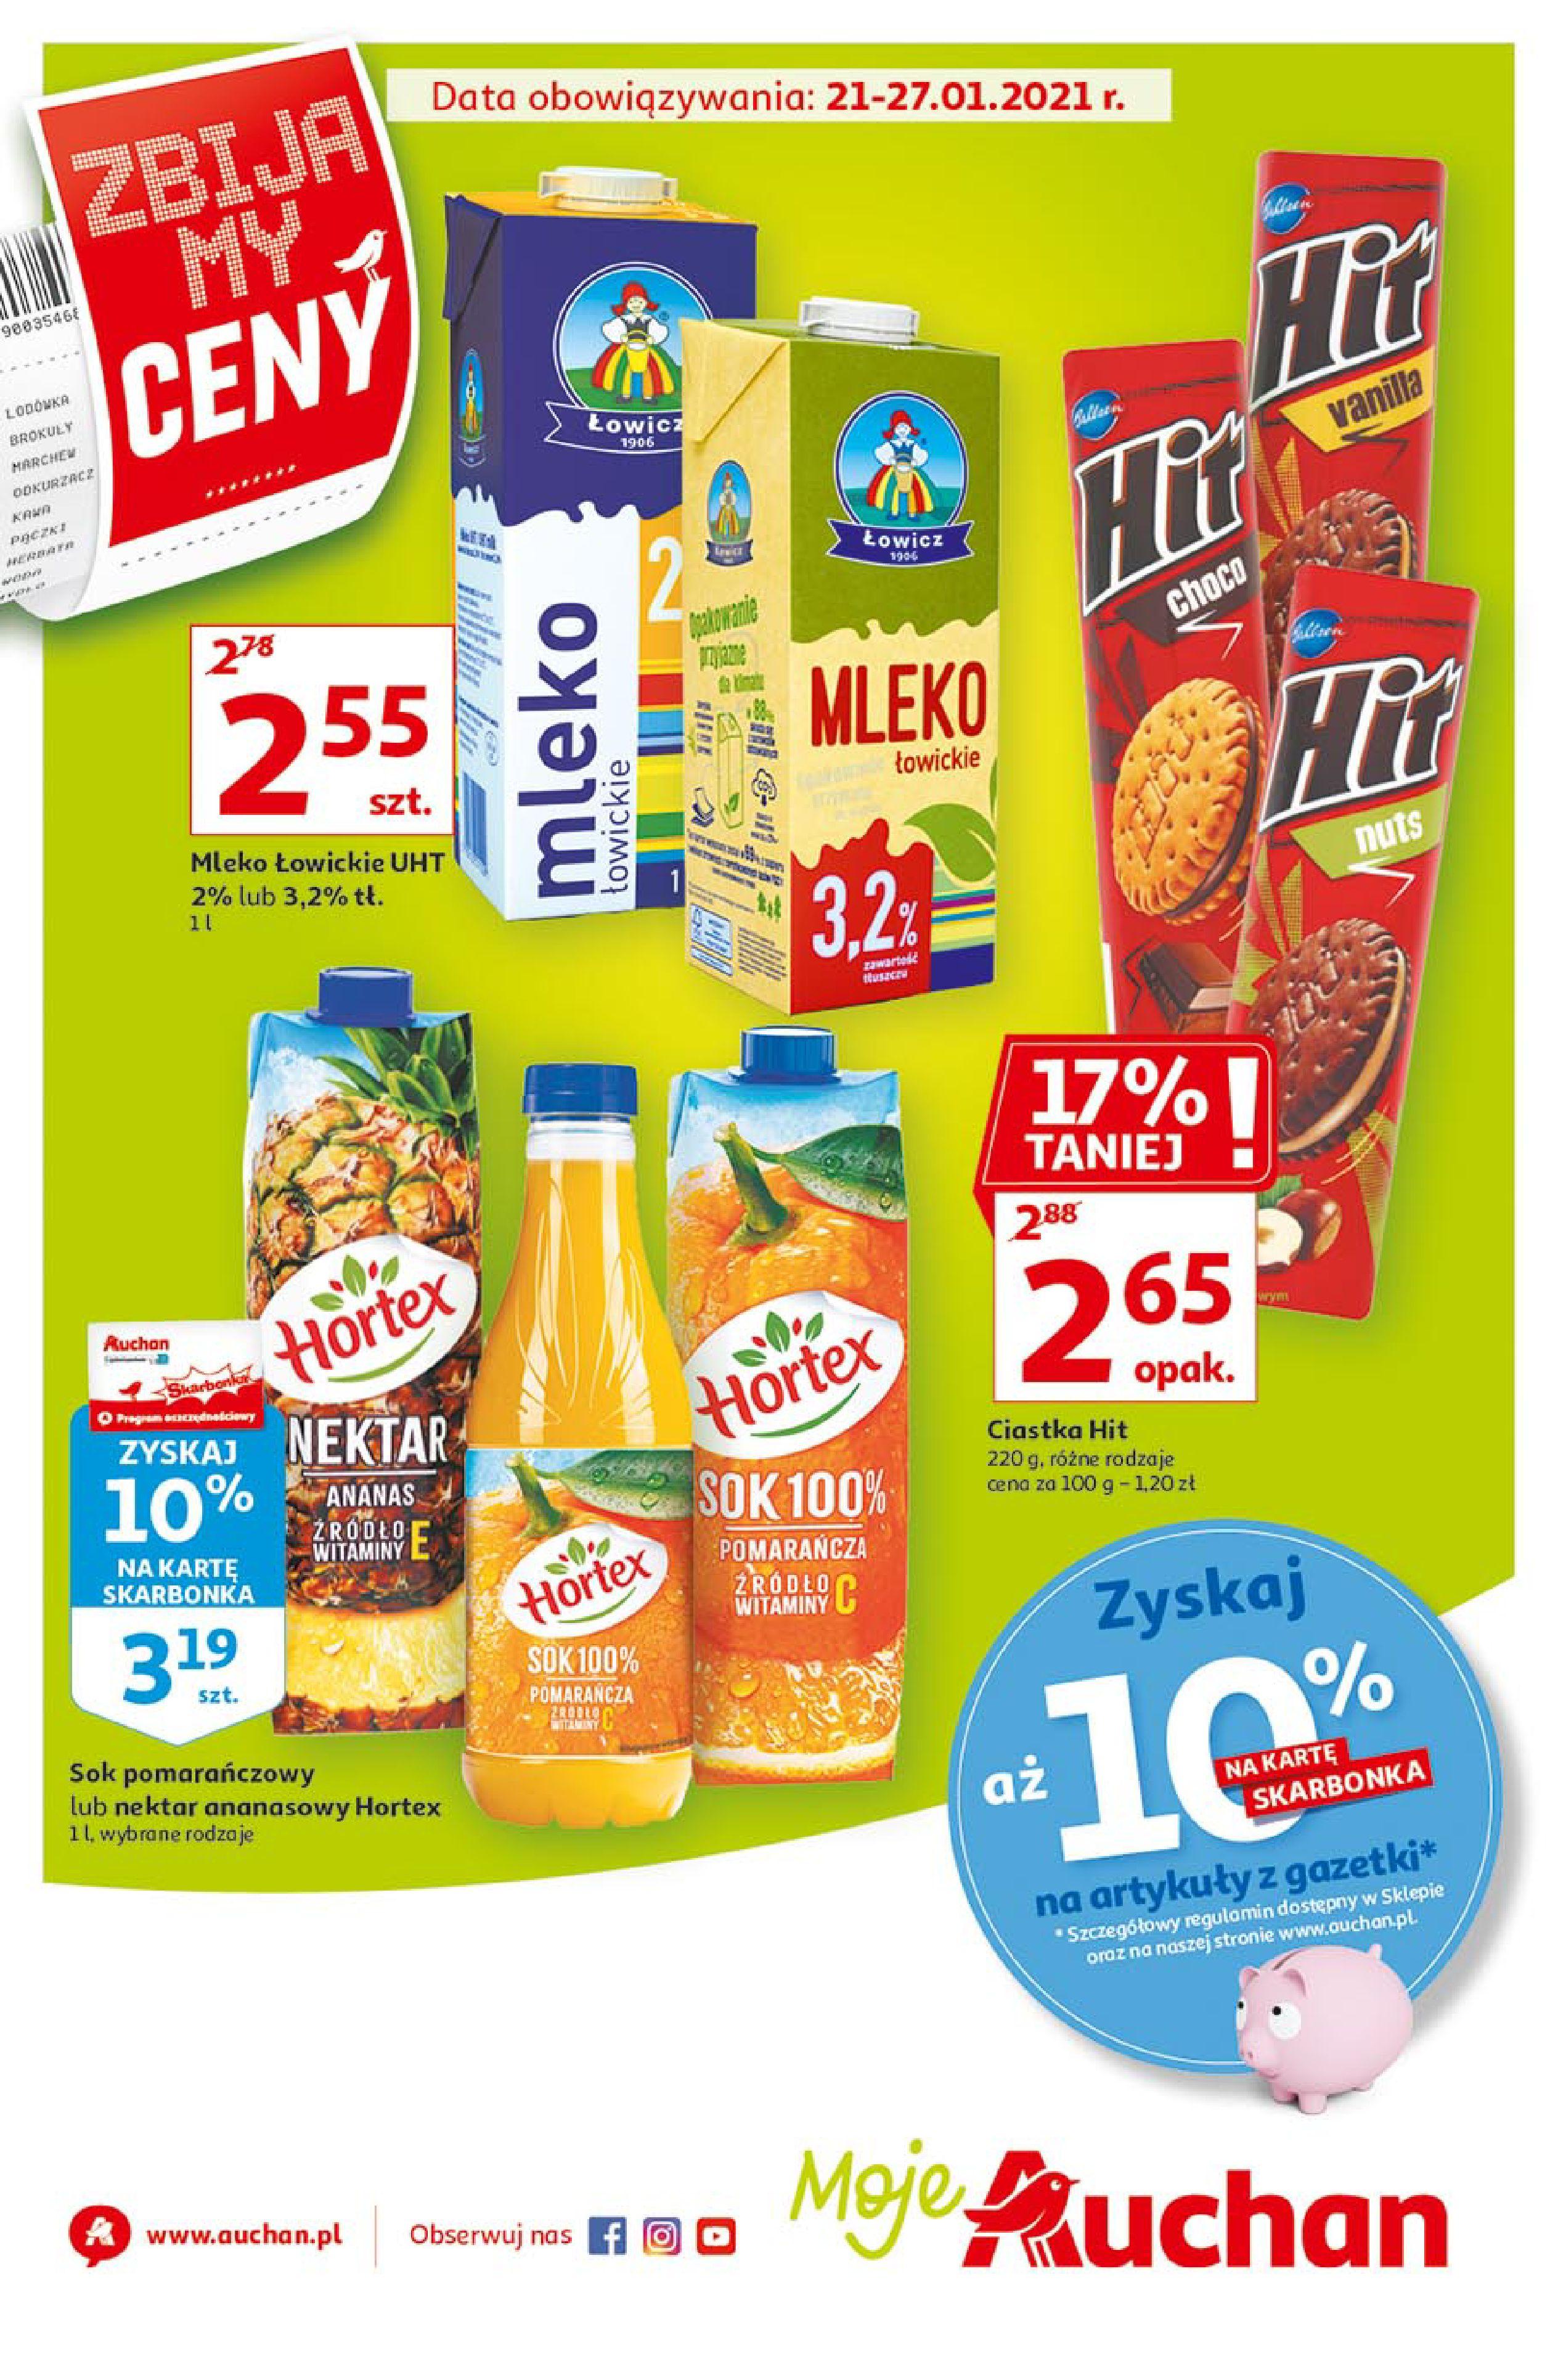 Gazetka Auchan: Zbijamy Ceny Moje Auchan 2021-01-21